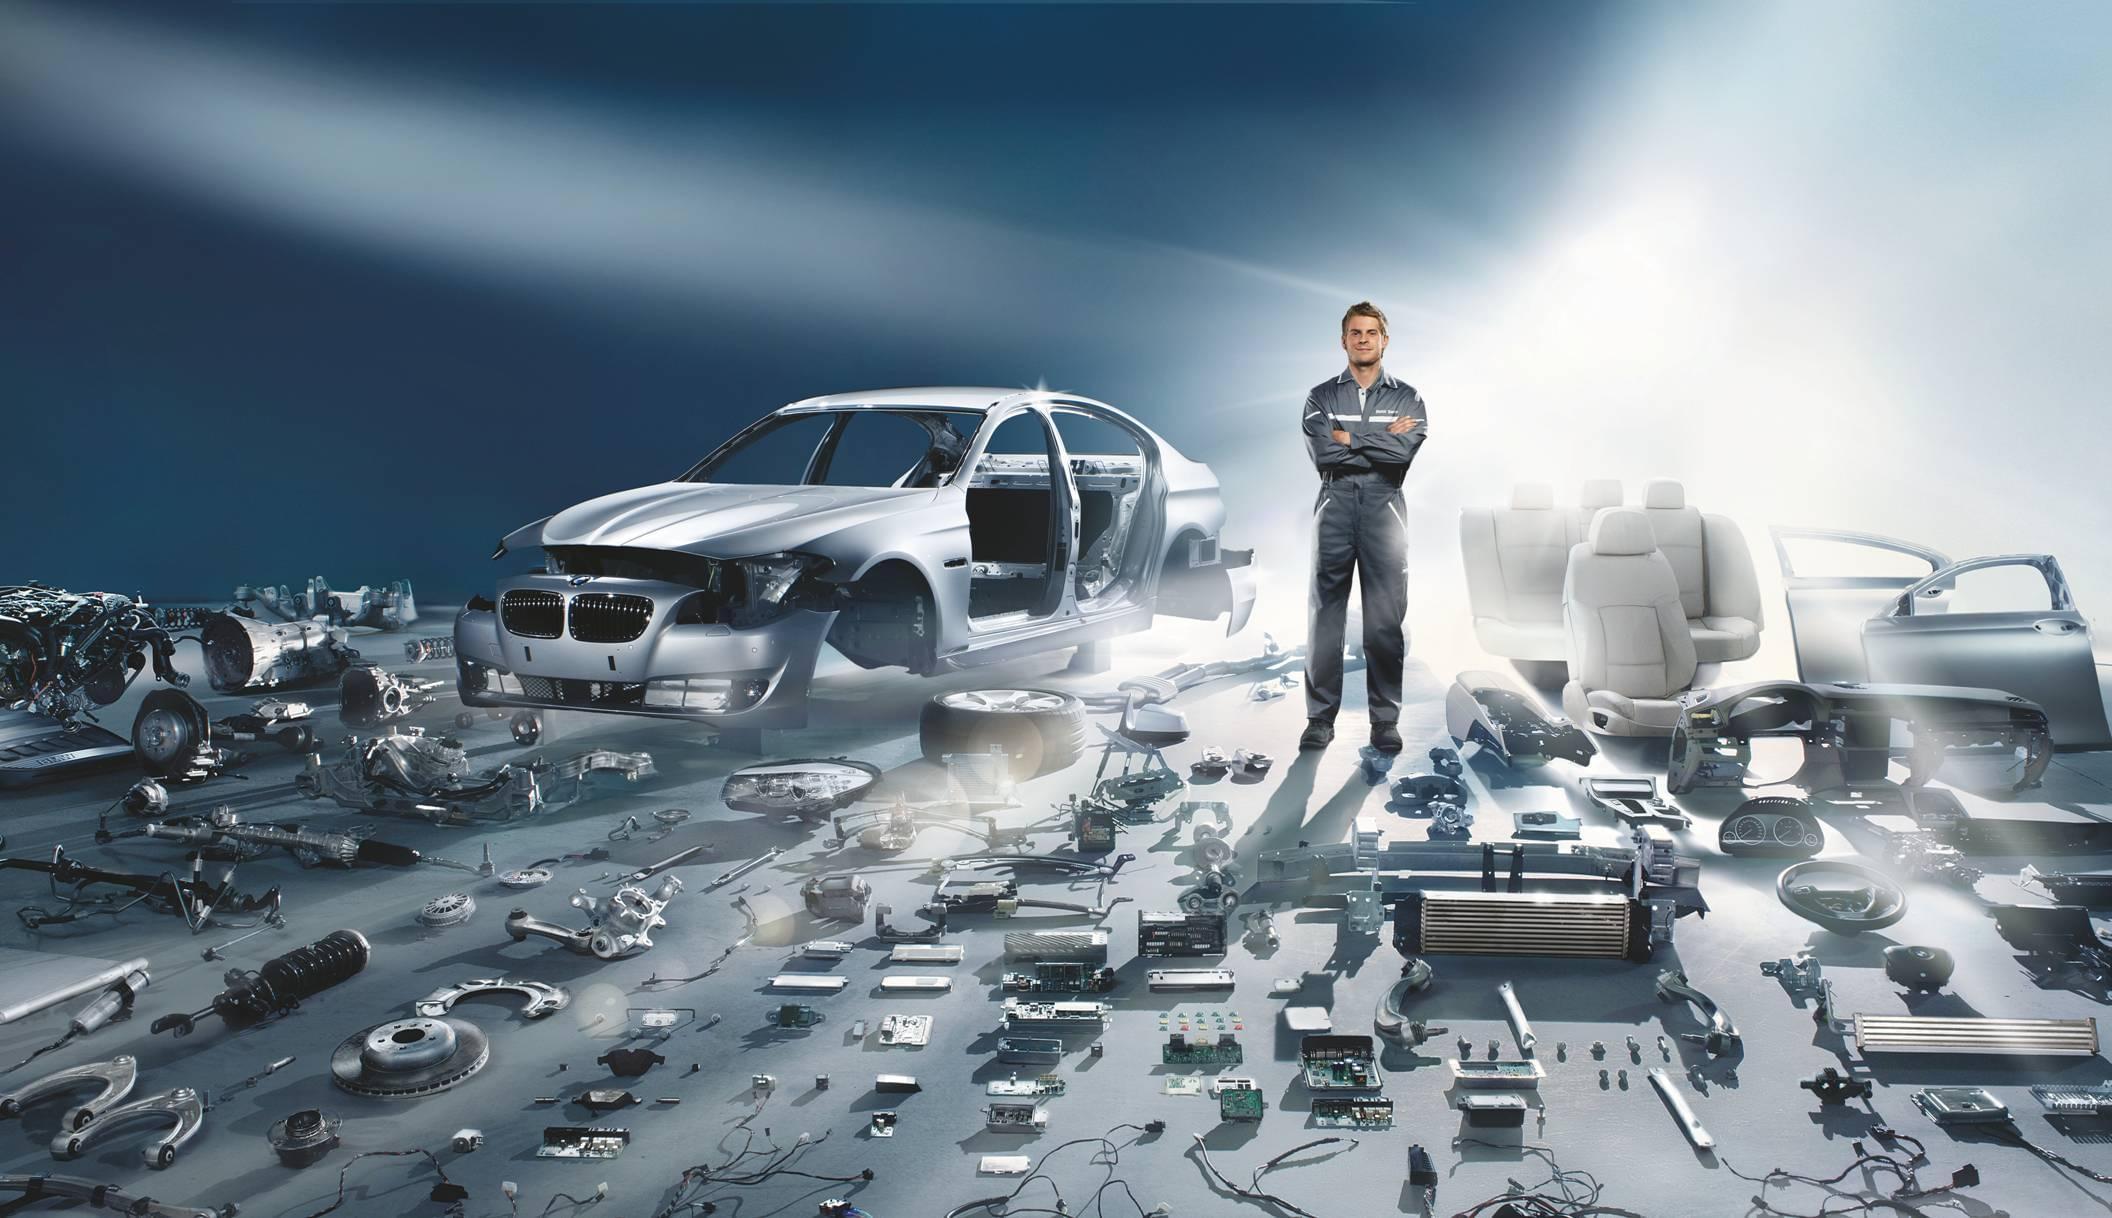 Αυτοκινητοβιομηχανίες ανεβάζουν τις τιμές των ανταλλακτικών μέσω software Image010